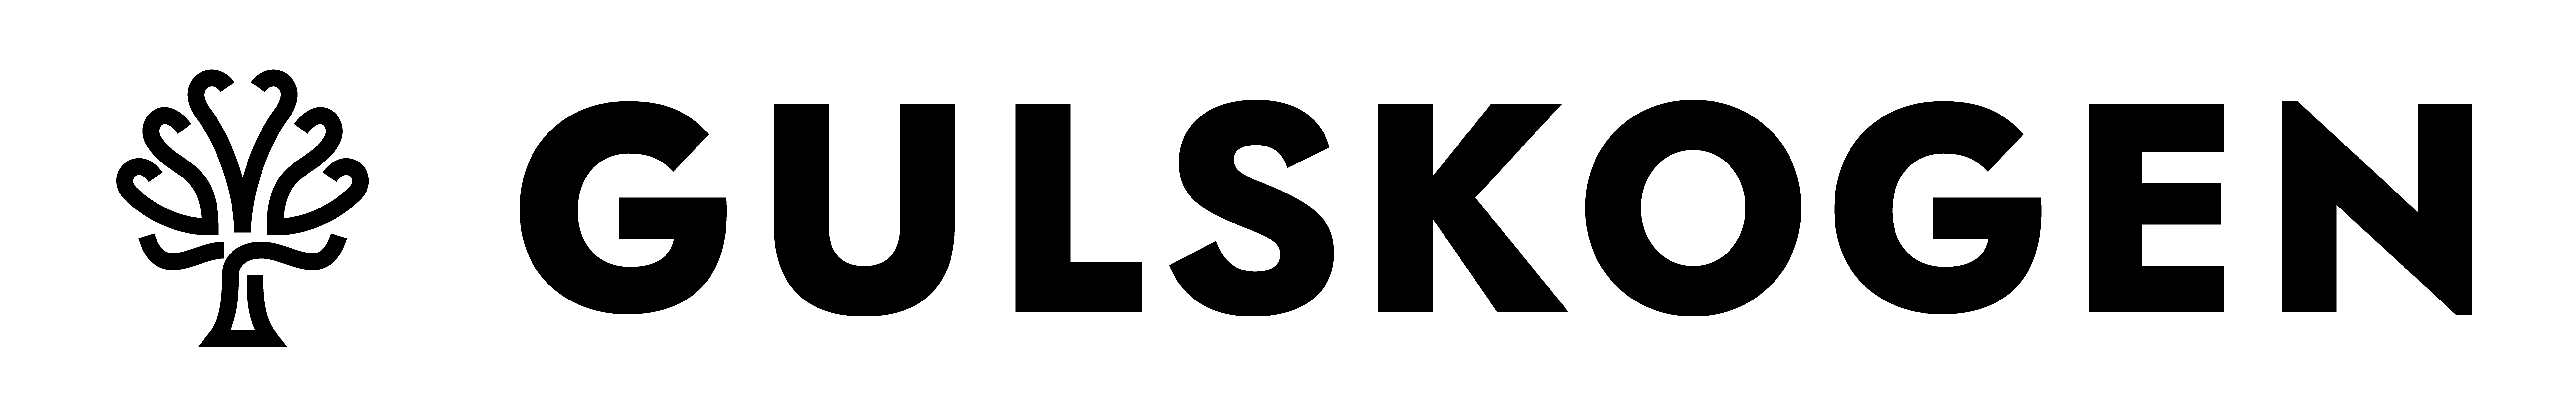 Gulskogen